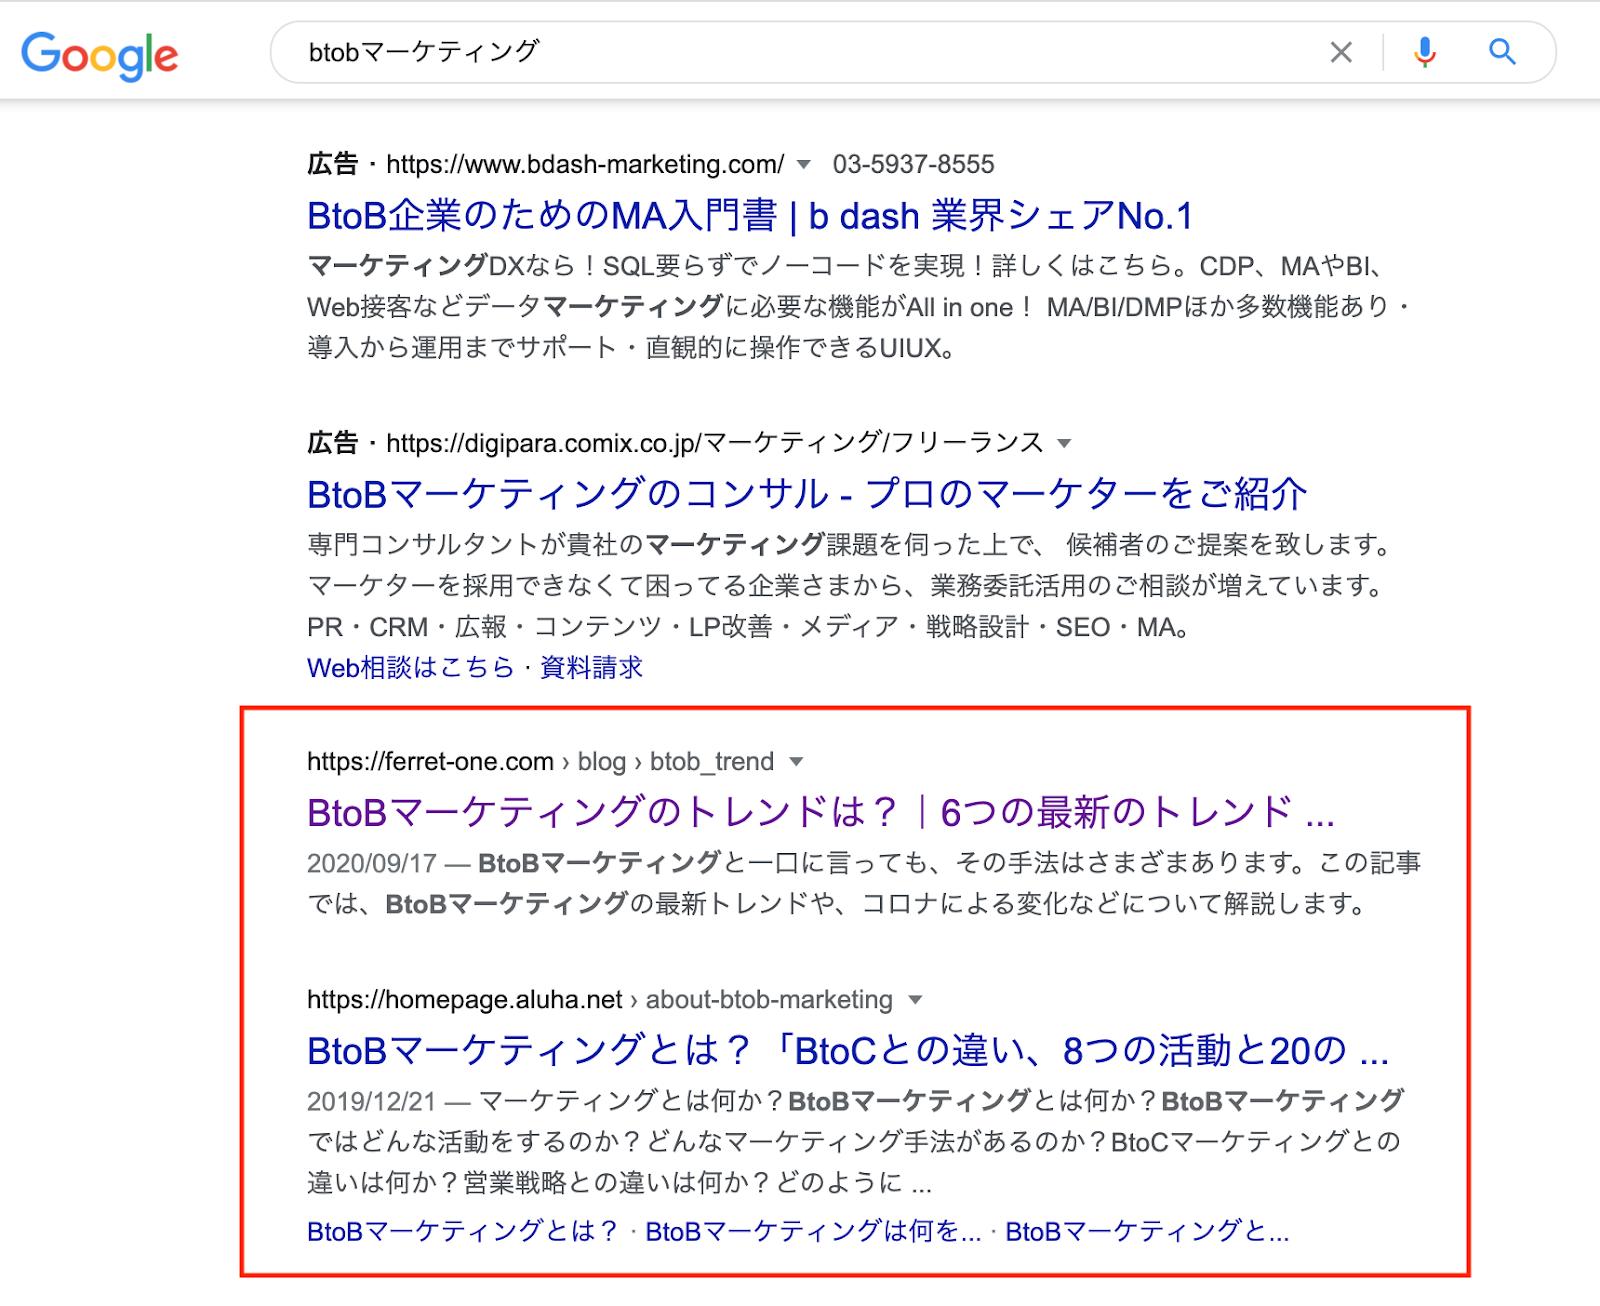 BtoBマーケティングの検索結果